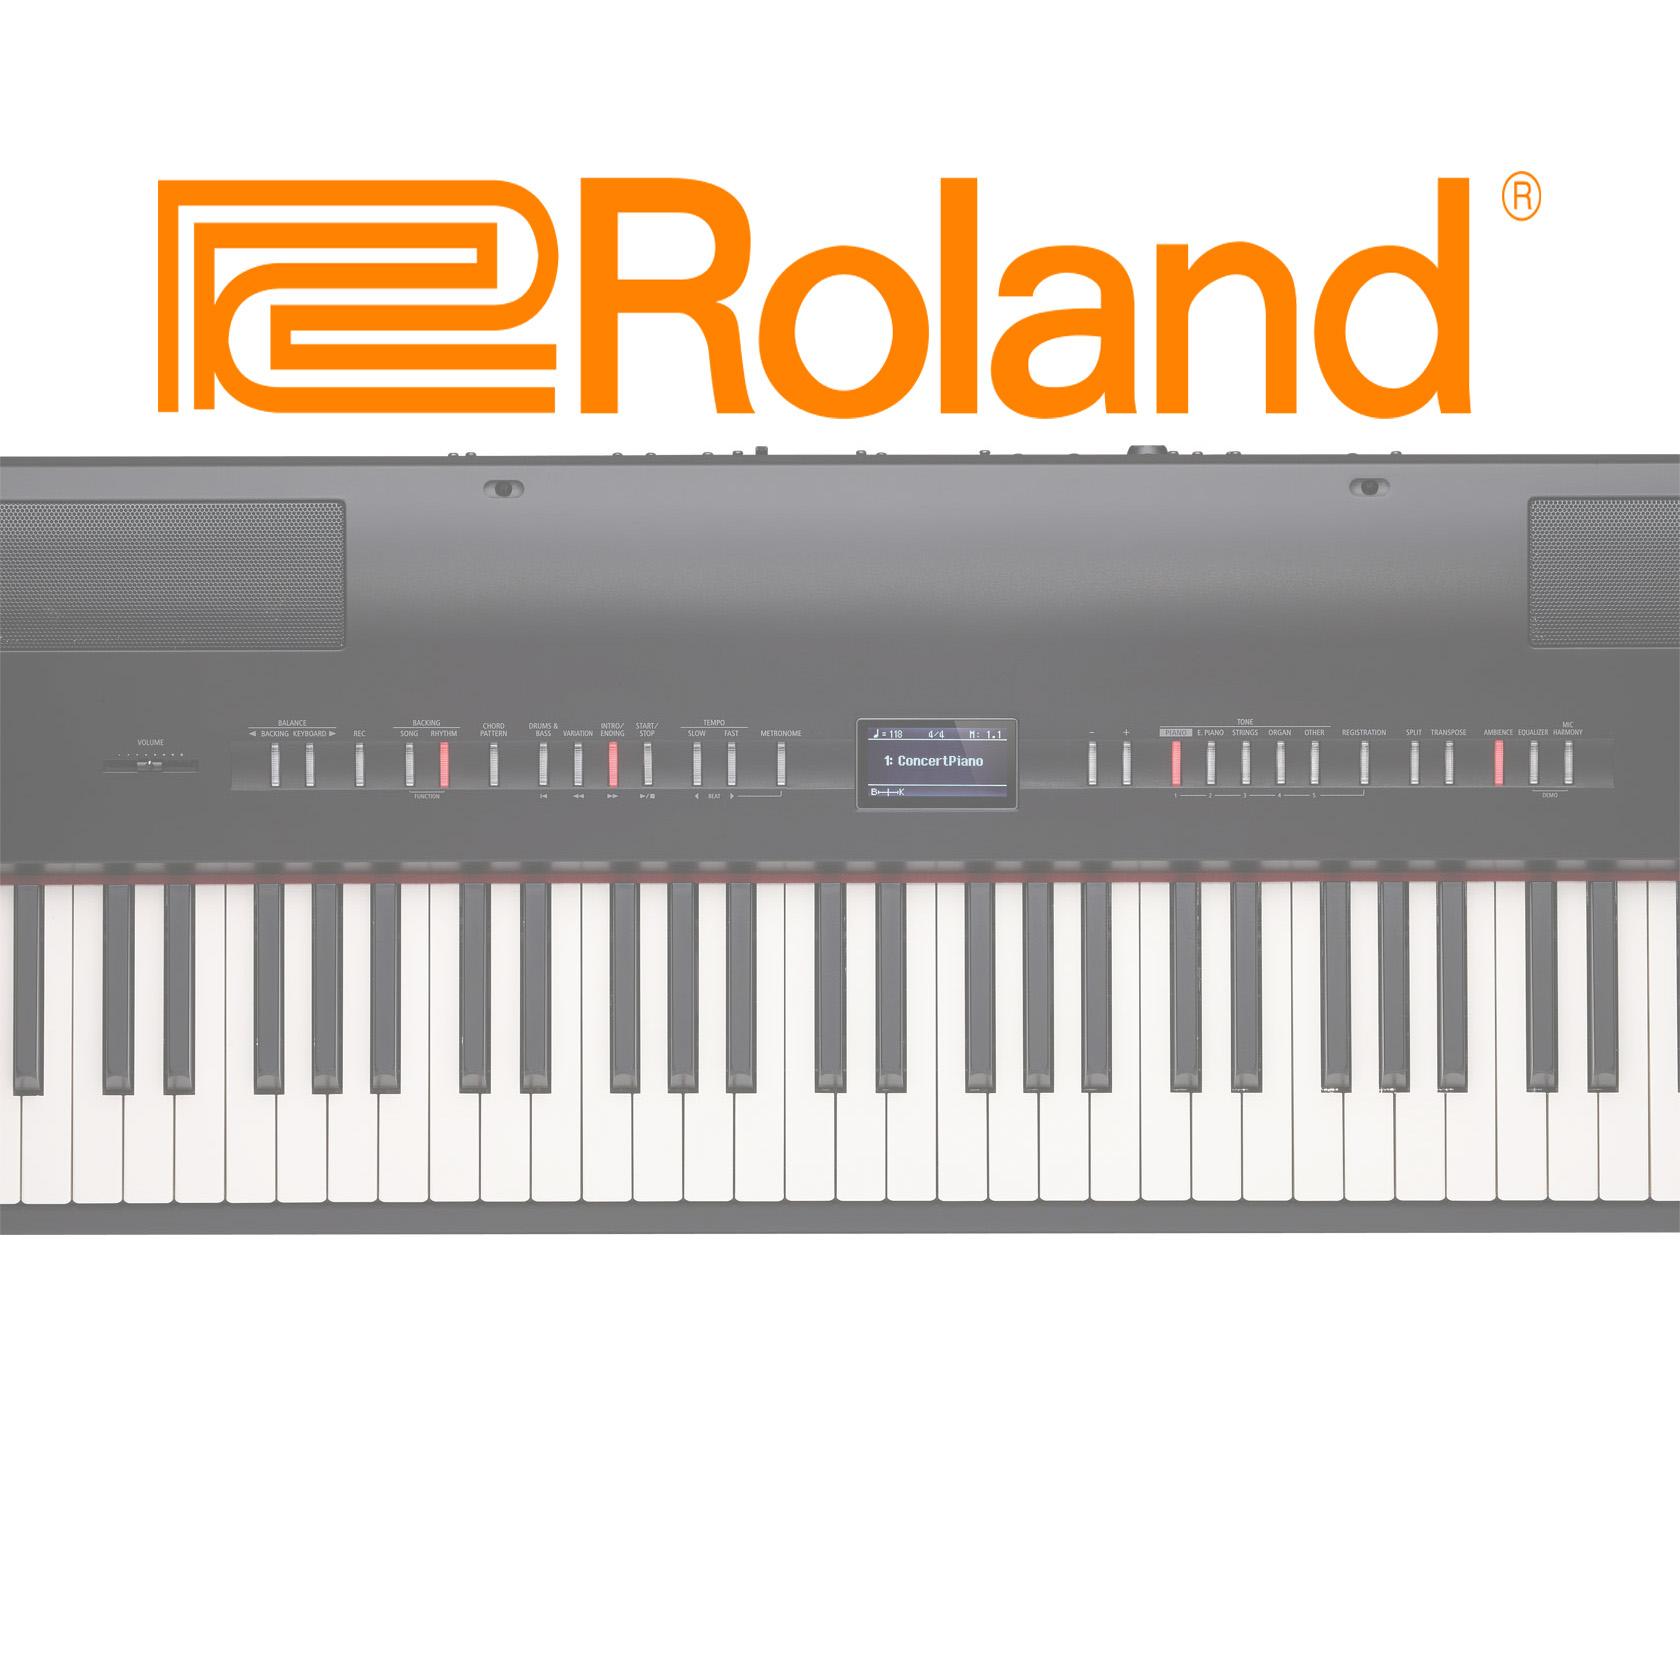 Roland Digital Pianos